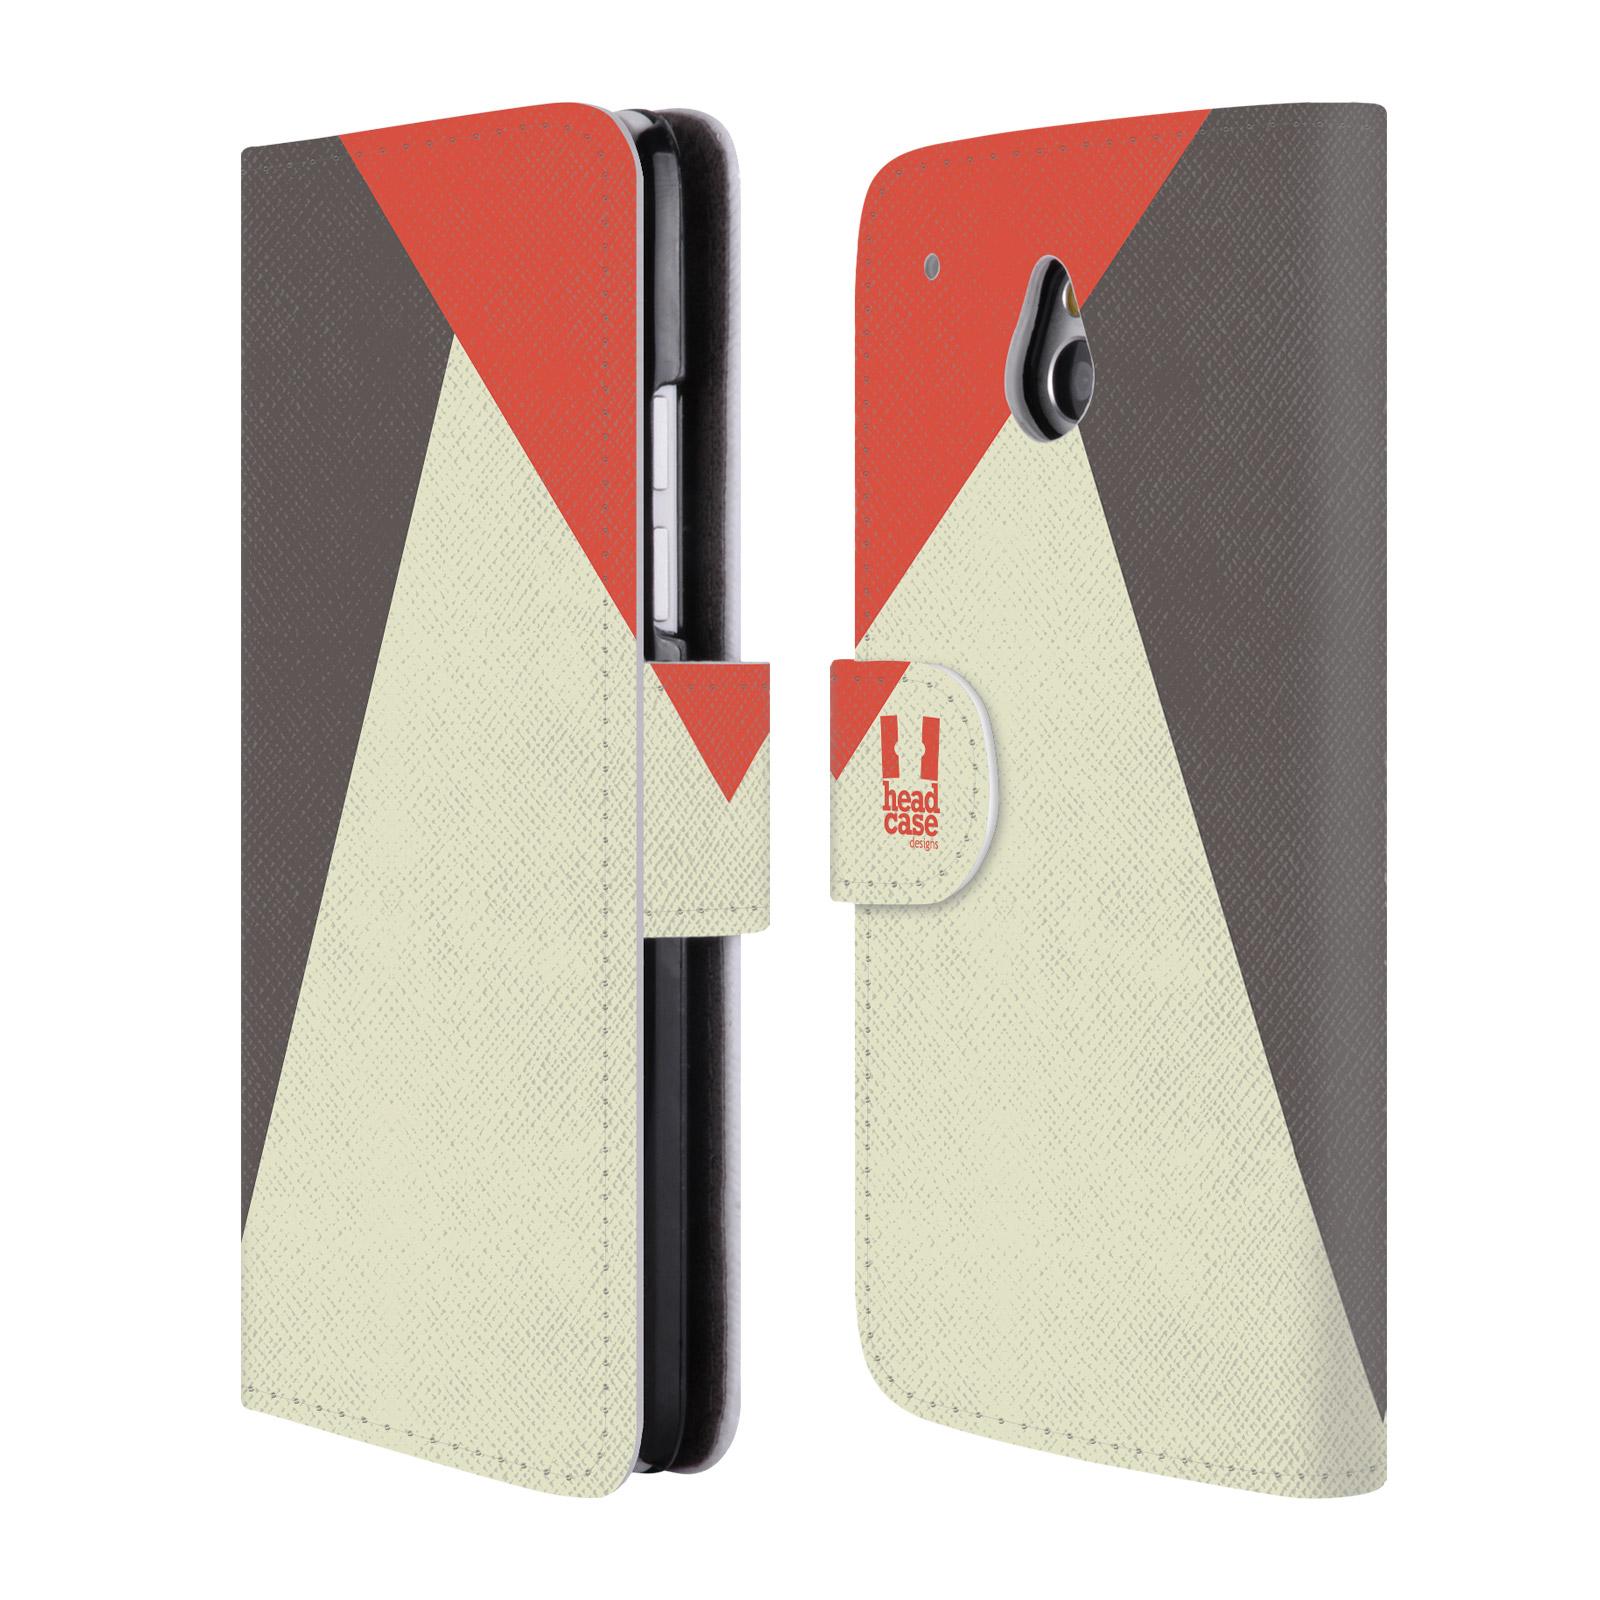 HEAD CASE Flipové pouzdro pro mobil HTC ONE MINI barevné tvary červená a šedá COOL